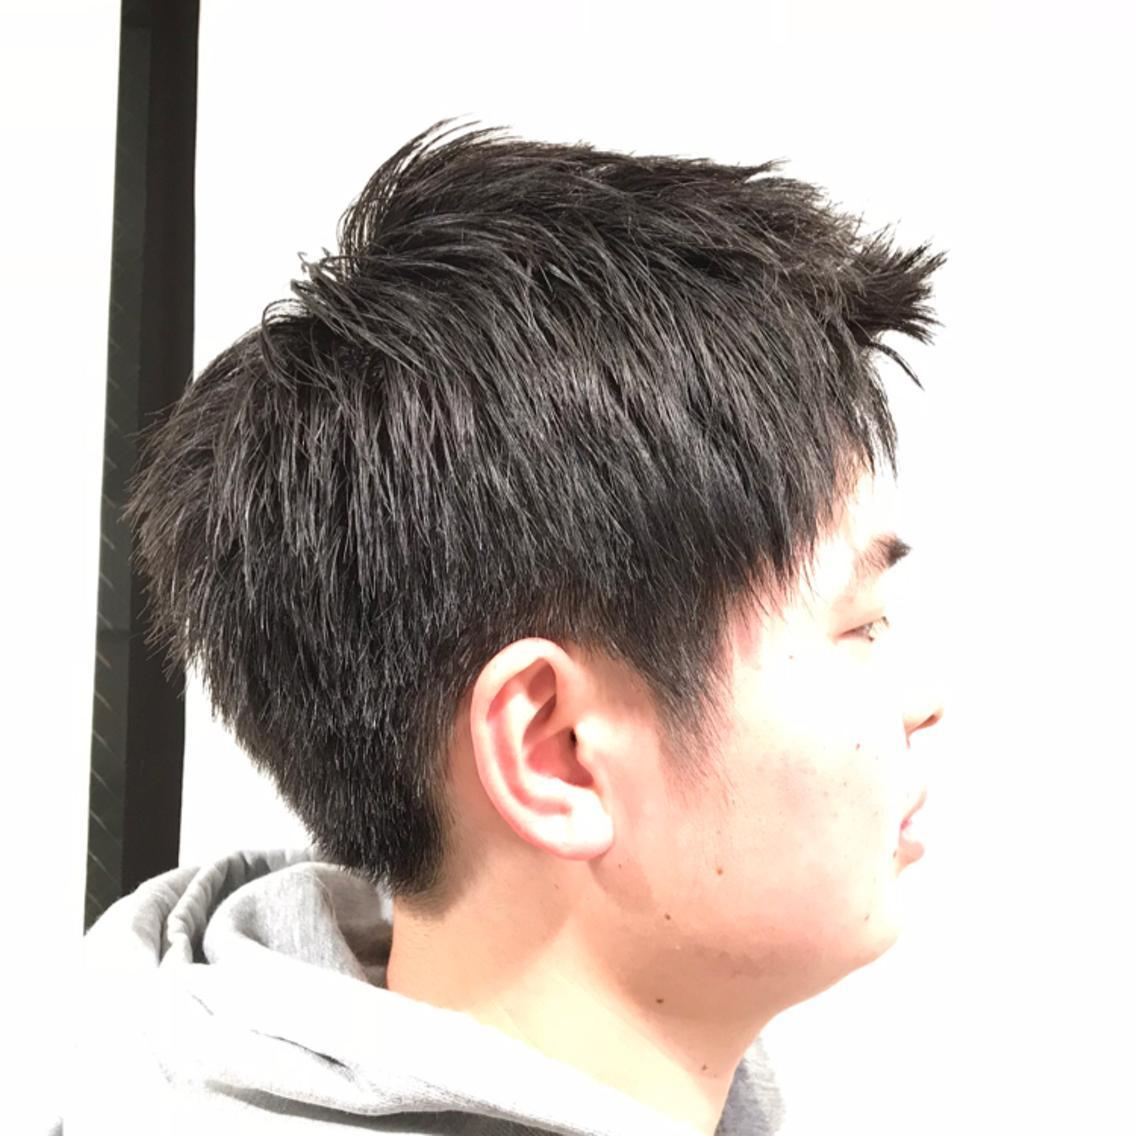 [武蔵小山 パルム商店街]縮毛矯正モデル募集です!